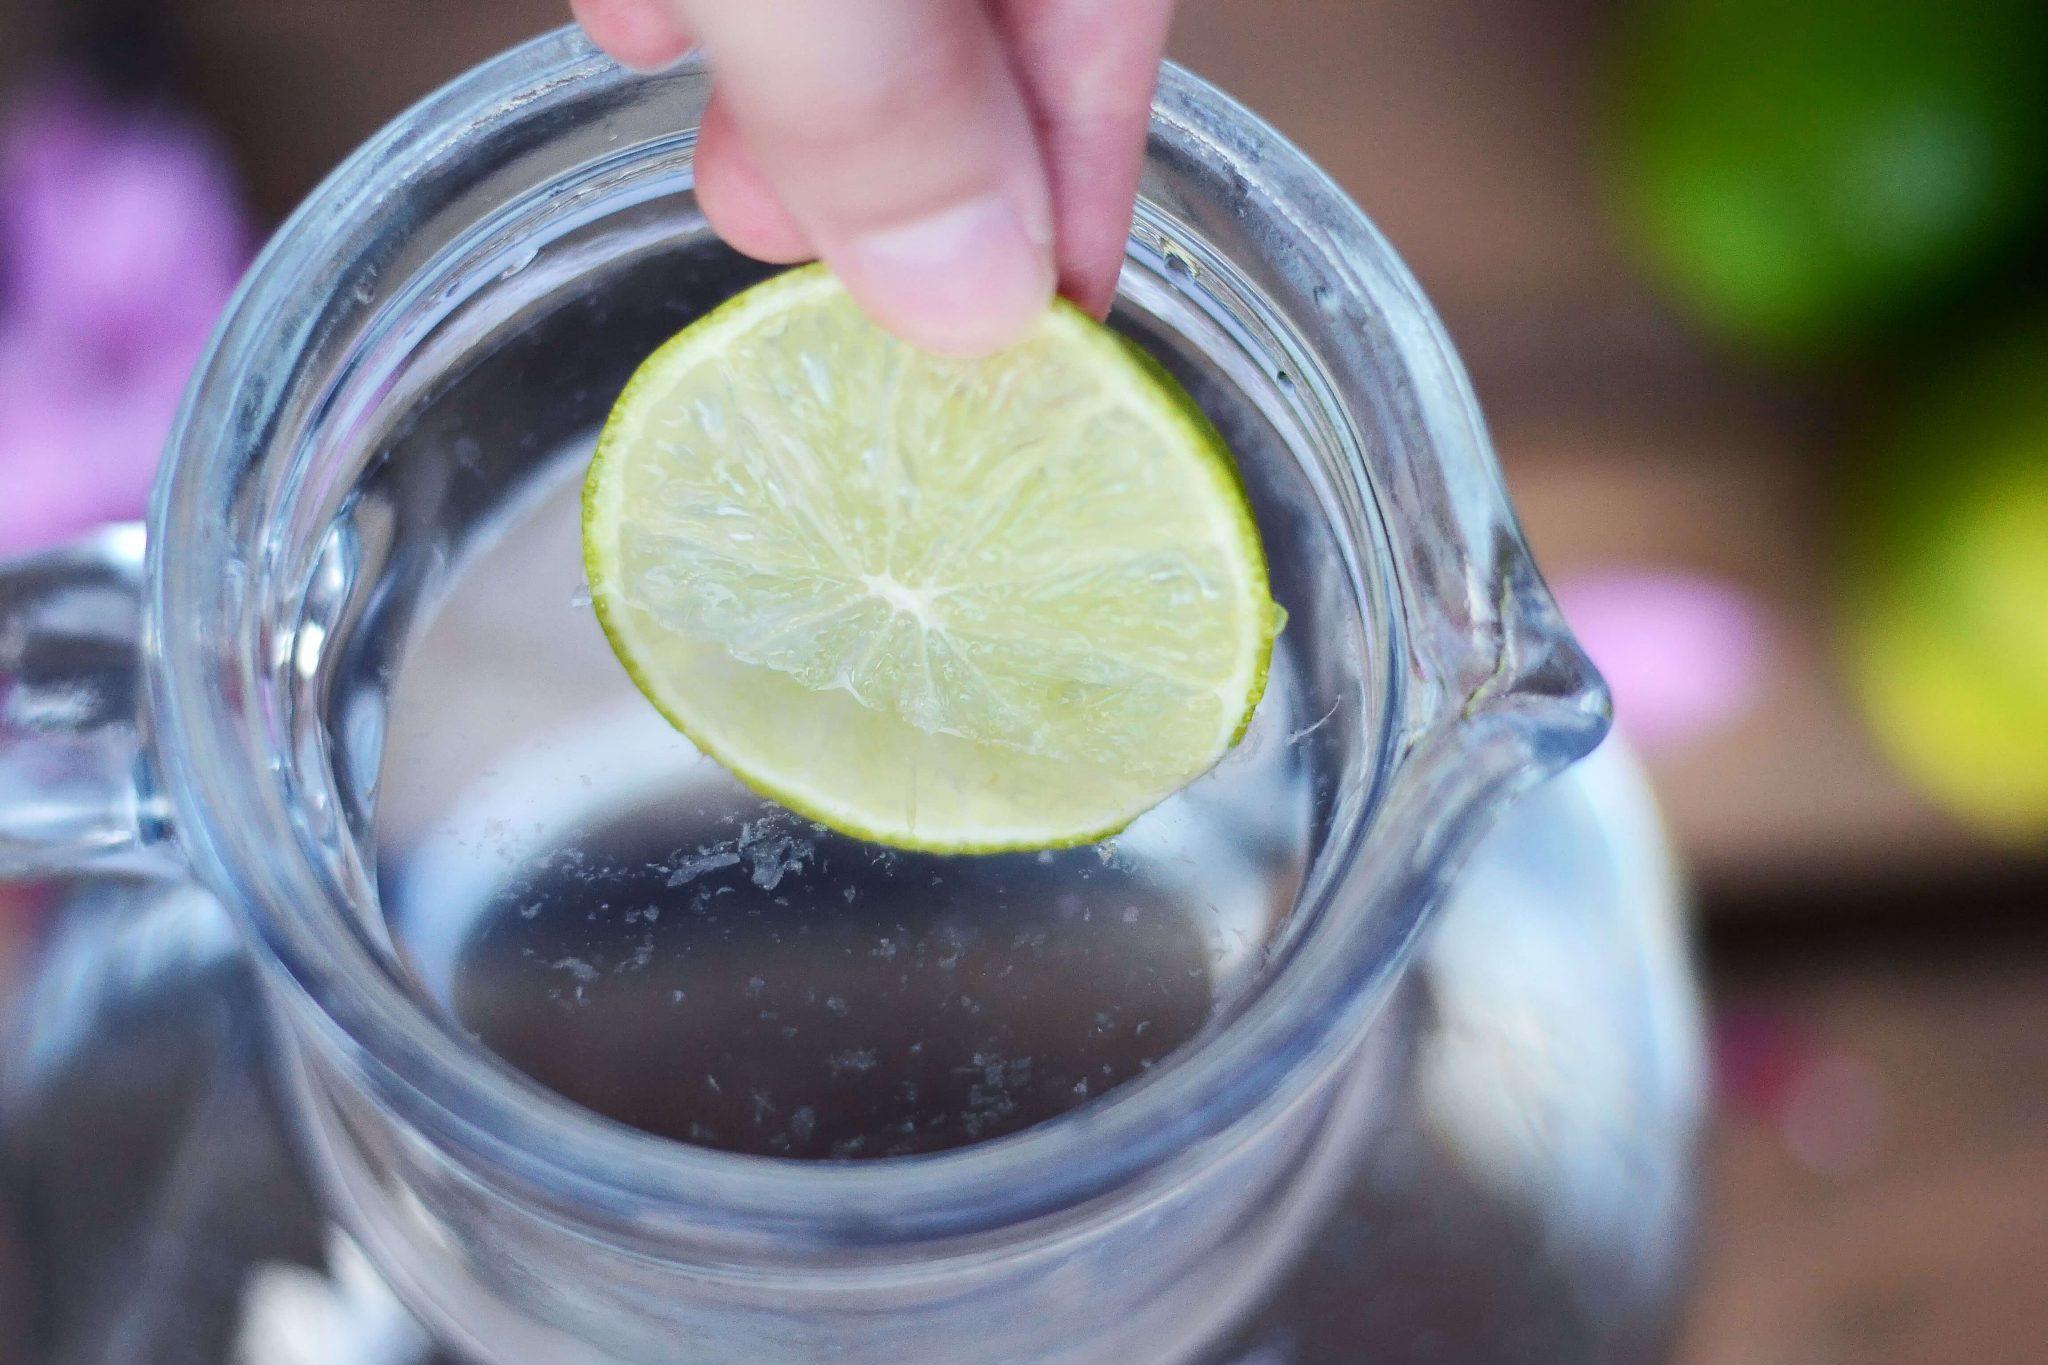 acqua aromatizzata detox lime acquista online fruttaweb